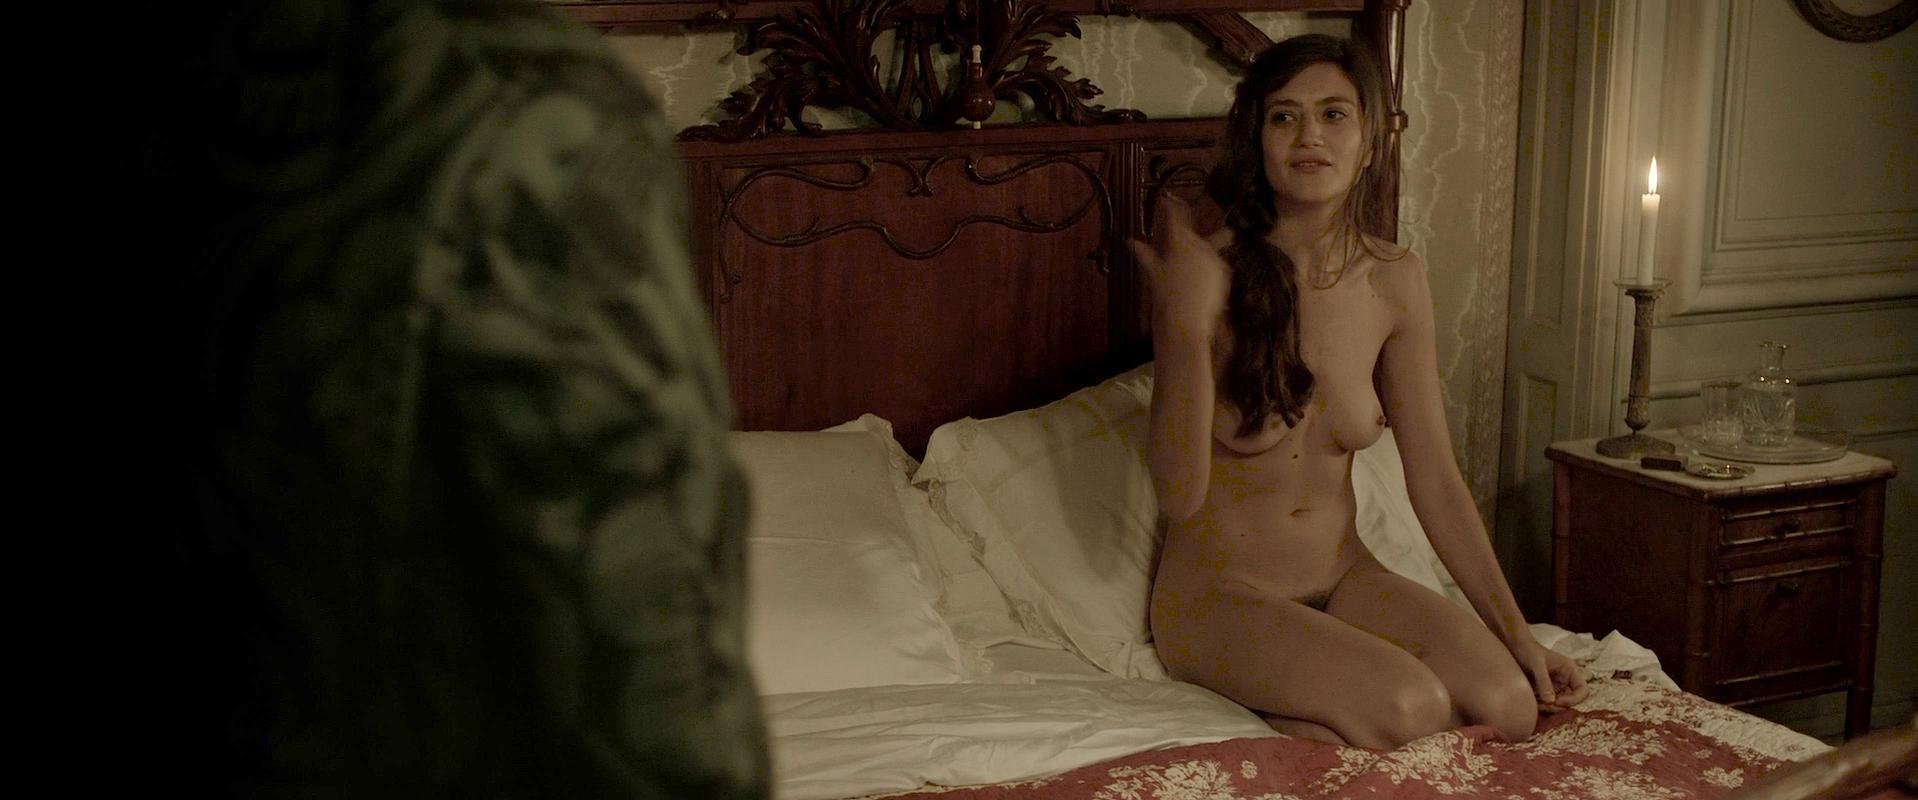 Georgia Scalliet nude, Alix Benezech nude - L'odeur de la Mandarine (2015)